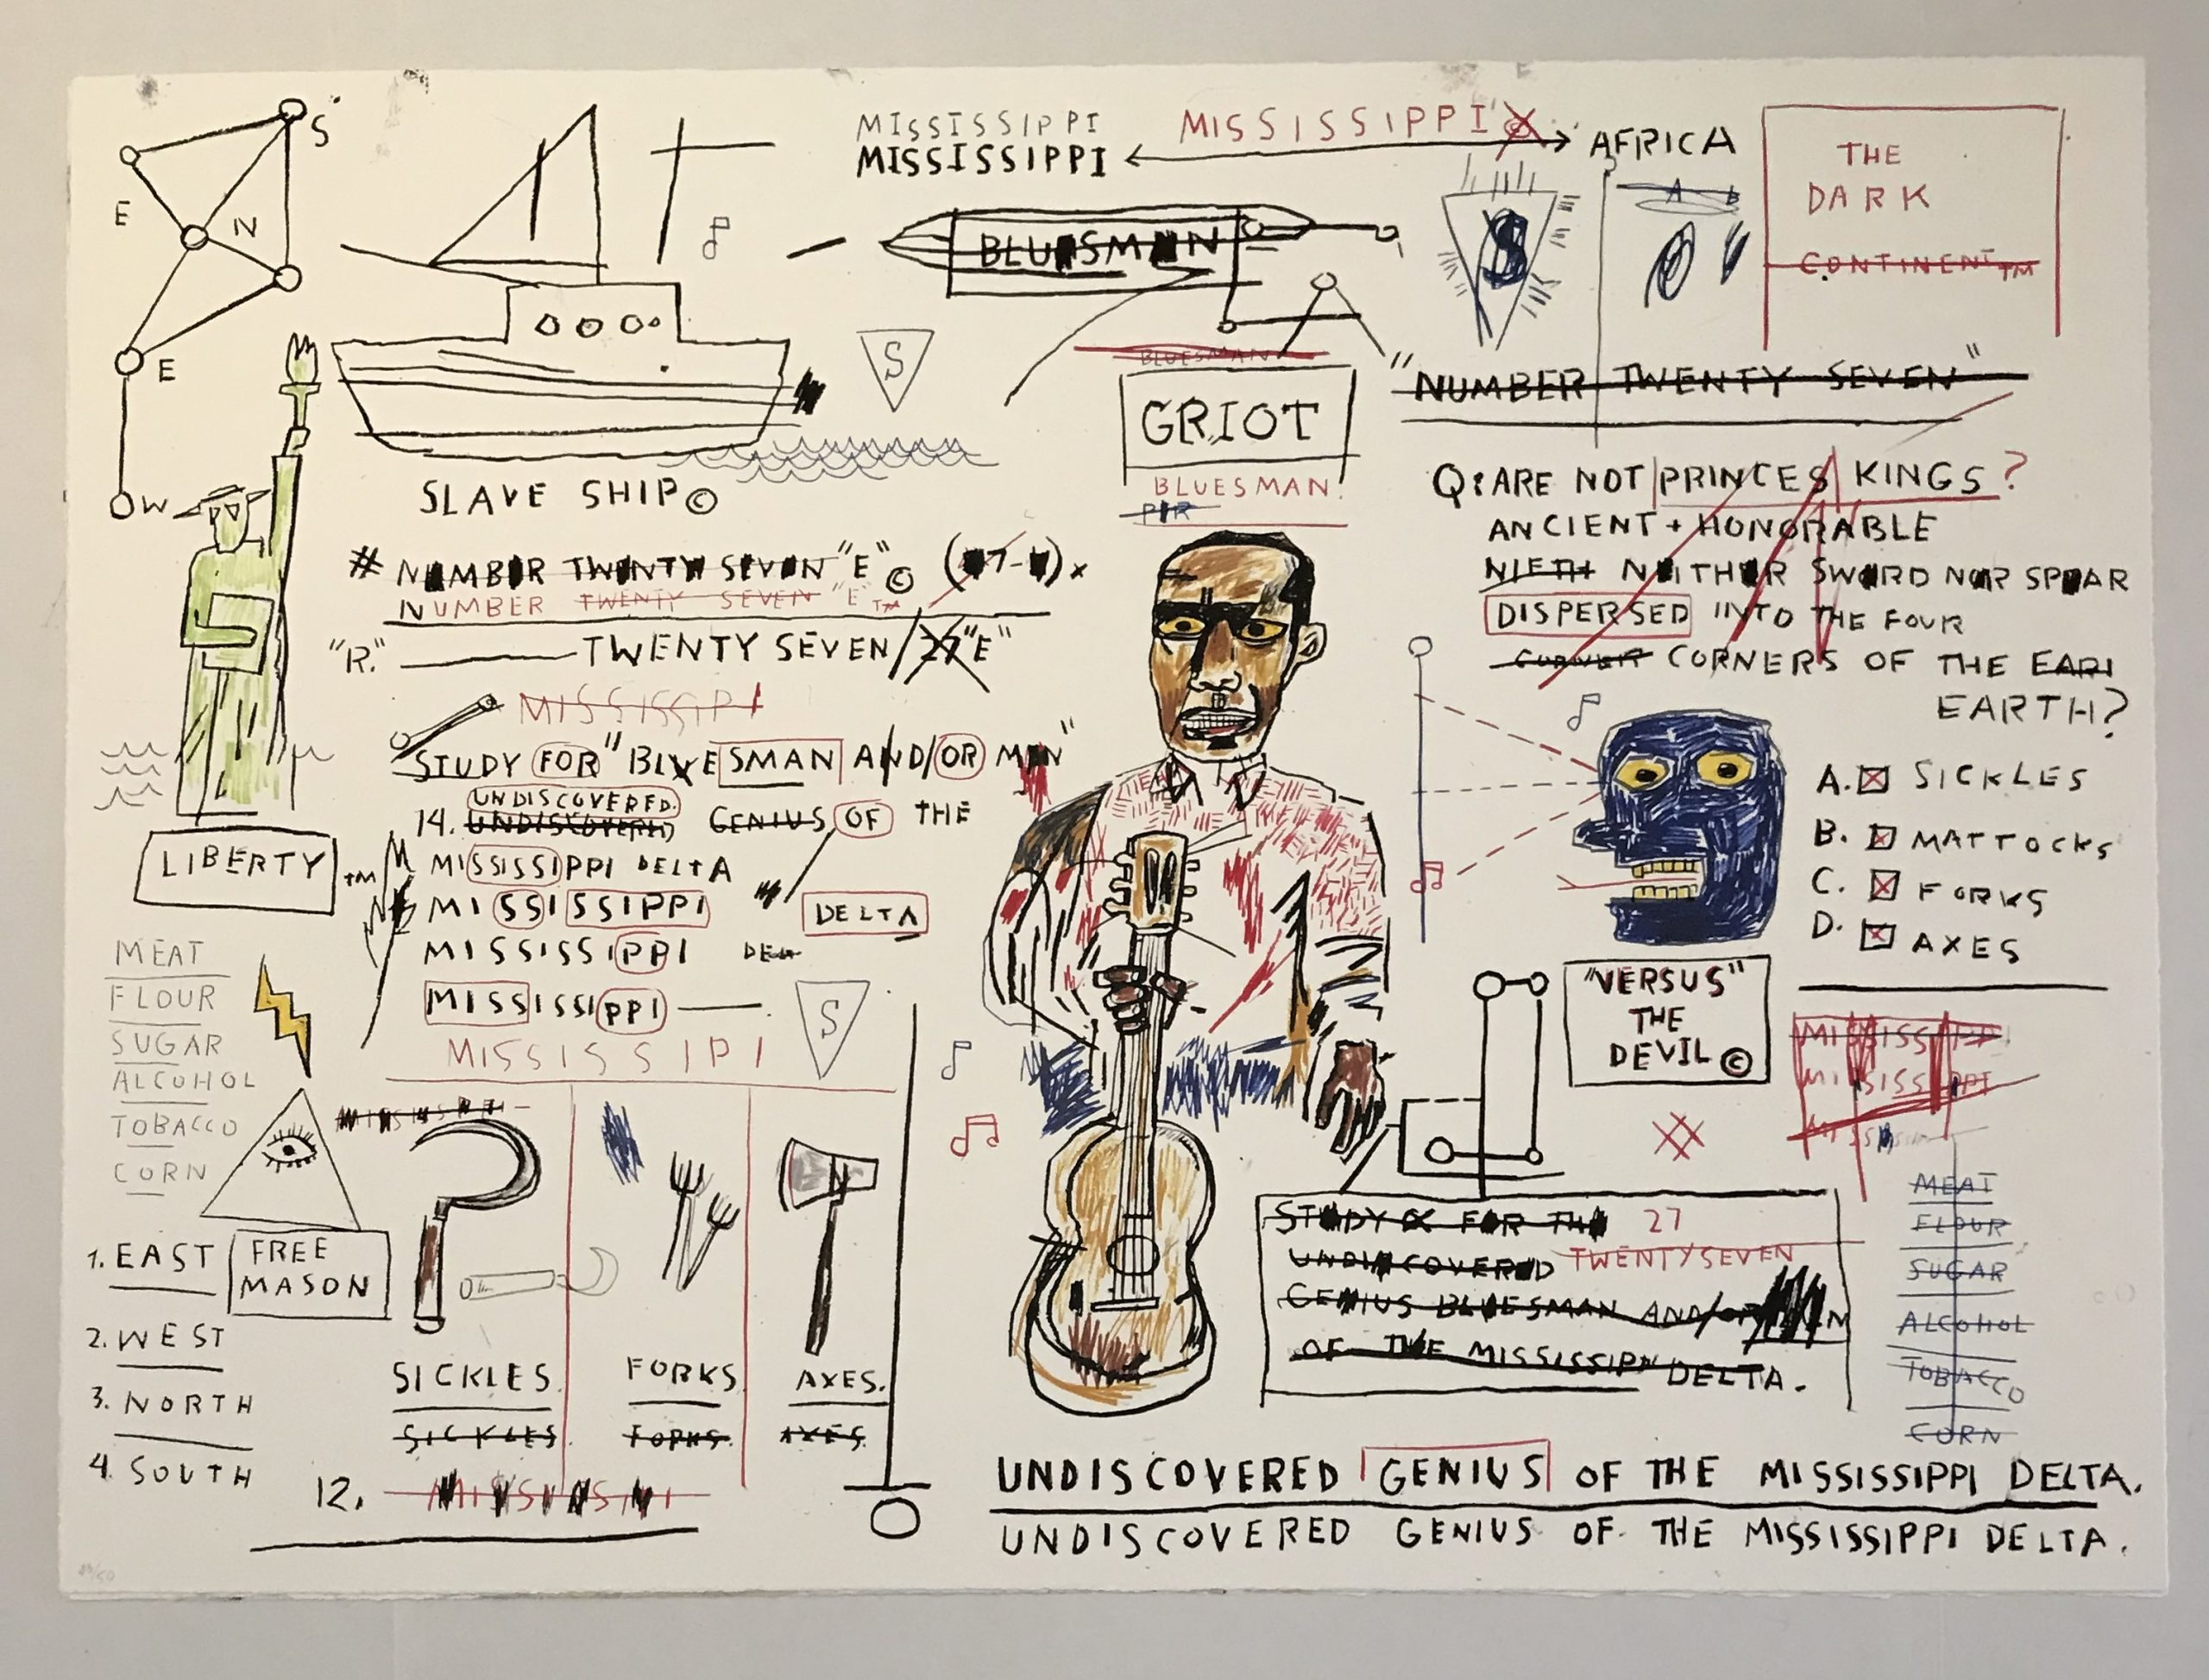 Undiscovered Genius by Jean-Michel Basquiat